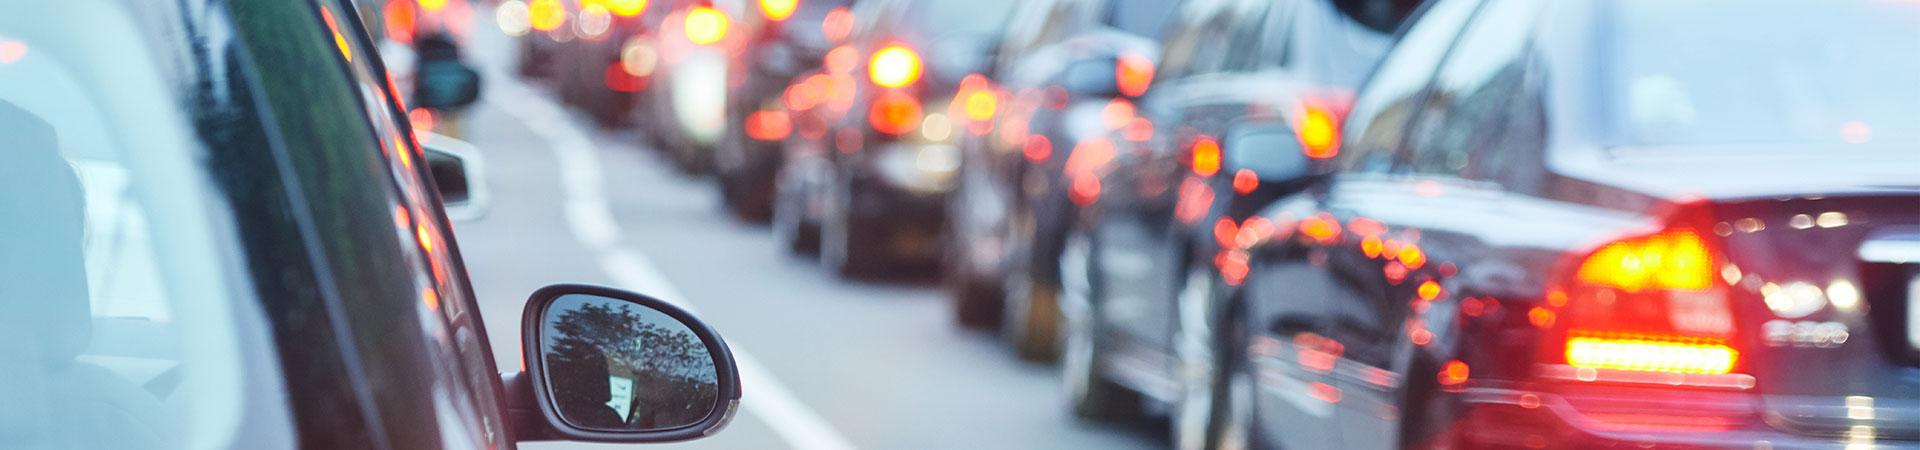 HELP! Hoe overleef ik file- en parkeerstress? Wij geven je 7 tips.